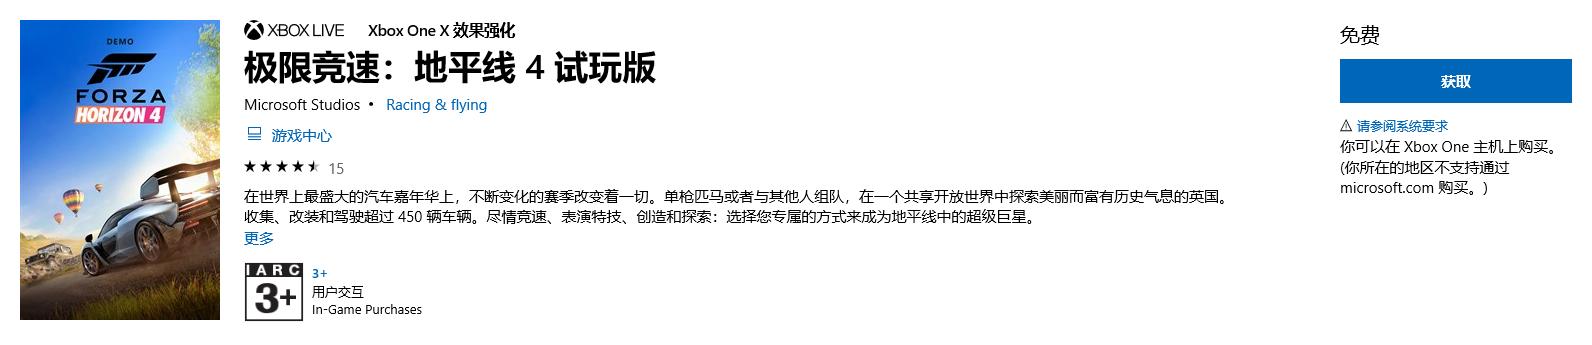 爱玩游戏早报:任天堂直面会14日召开 天禄拿下Major首胜